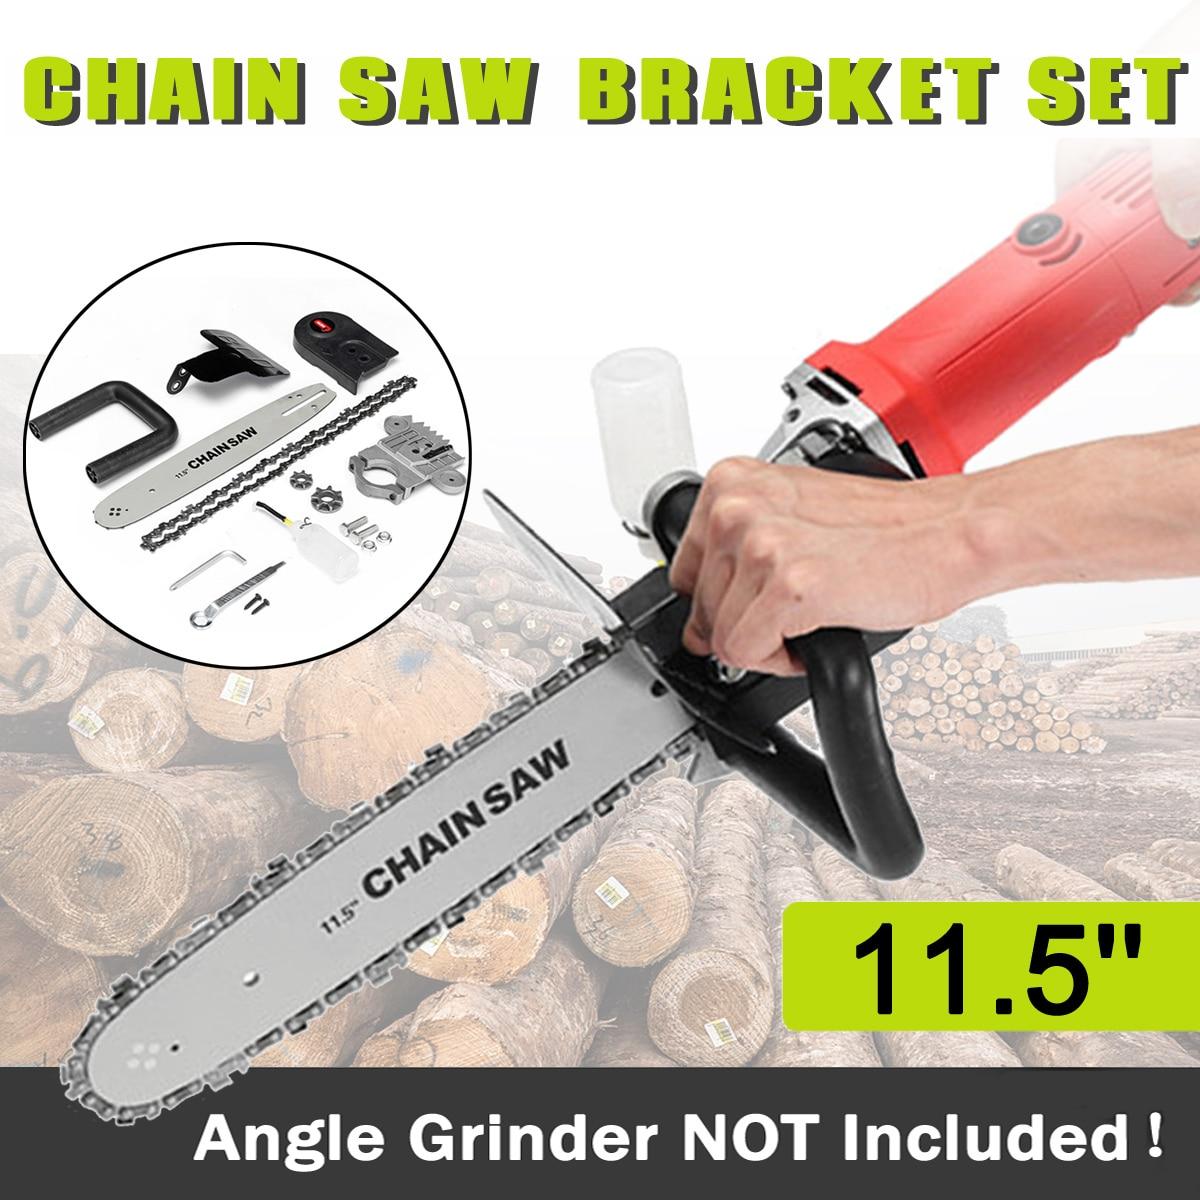 Drillpro actualización 11,5 pulgadas motosierra soporte cambió 100 de 125 de 150 amoladora de ángulo M10/M16 en sierra de cadena herramienta para trabajar la madera